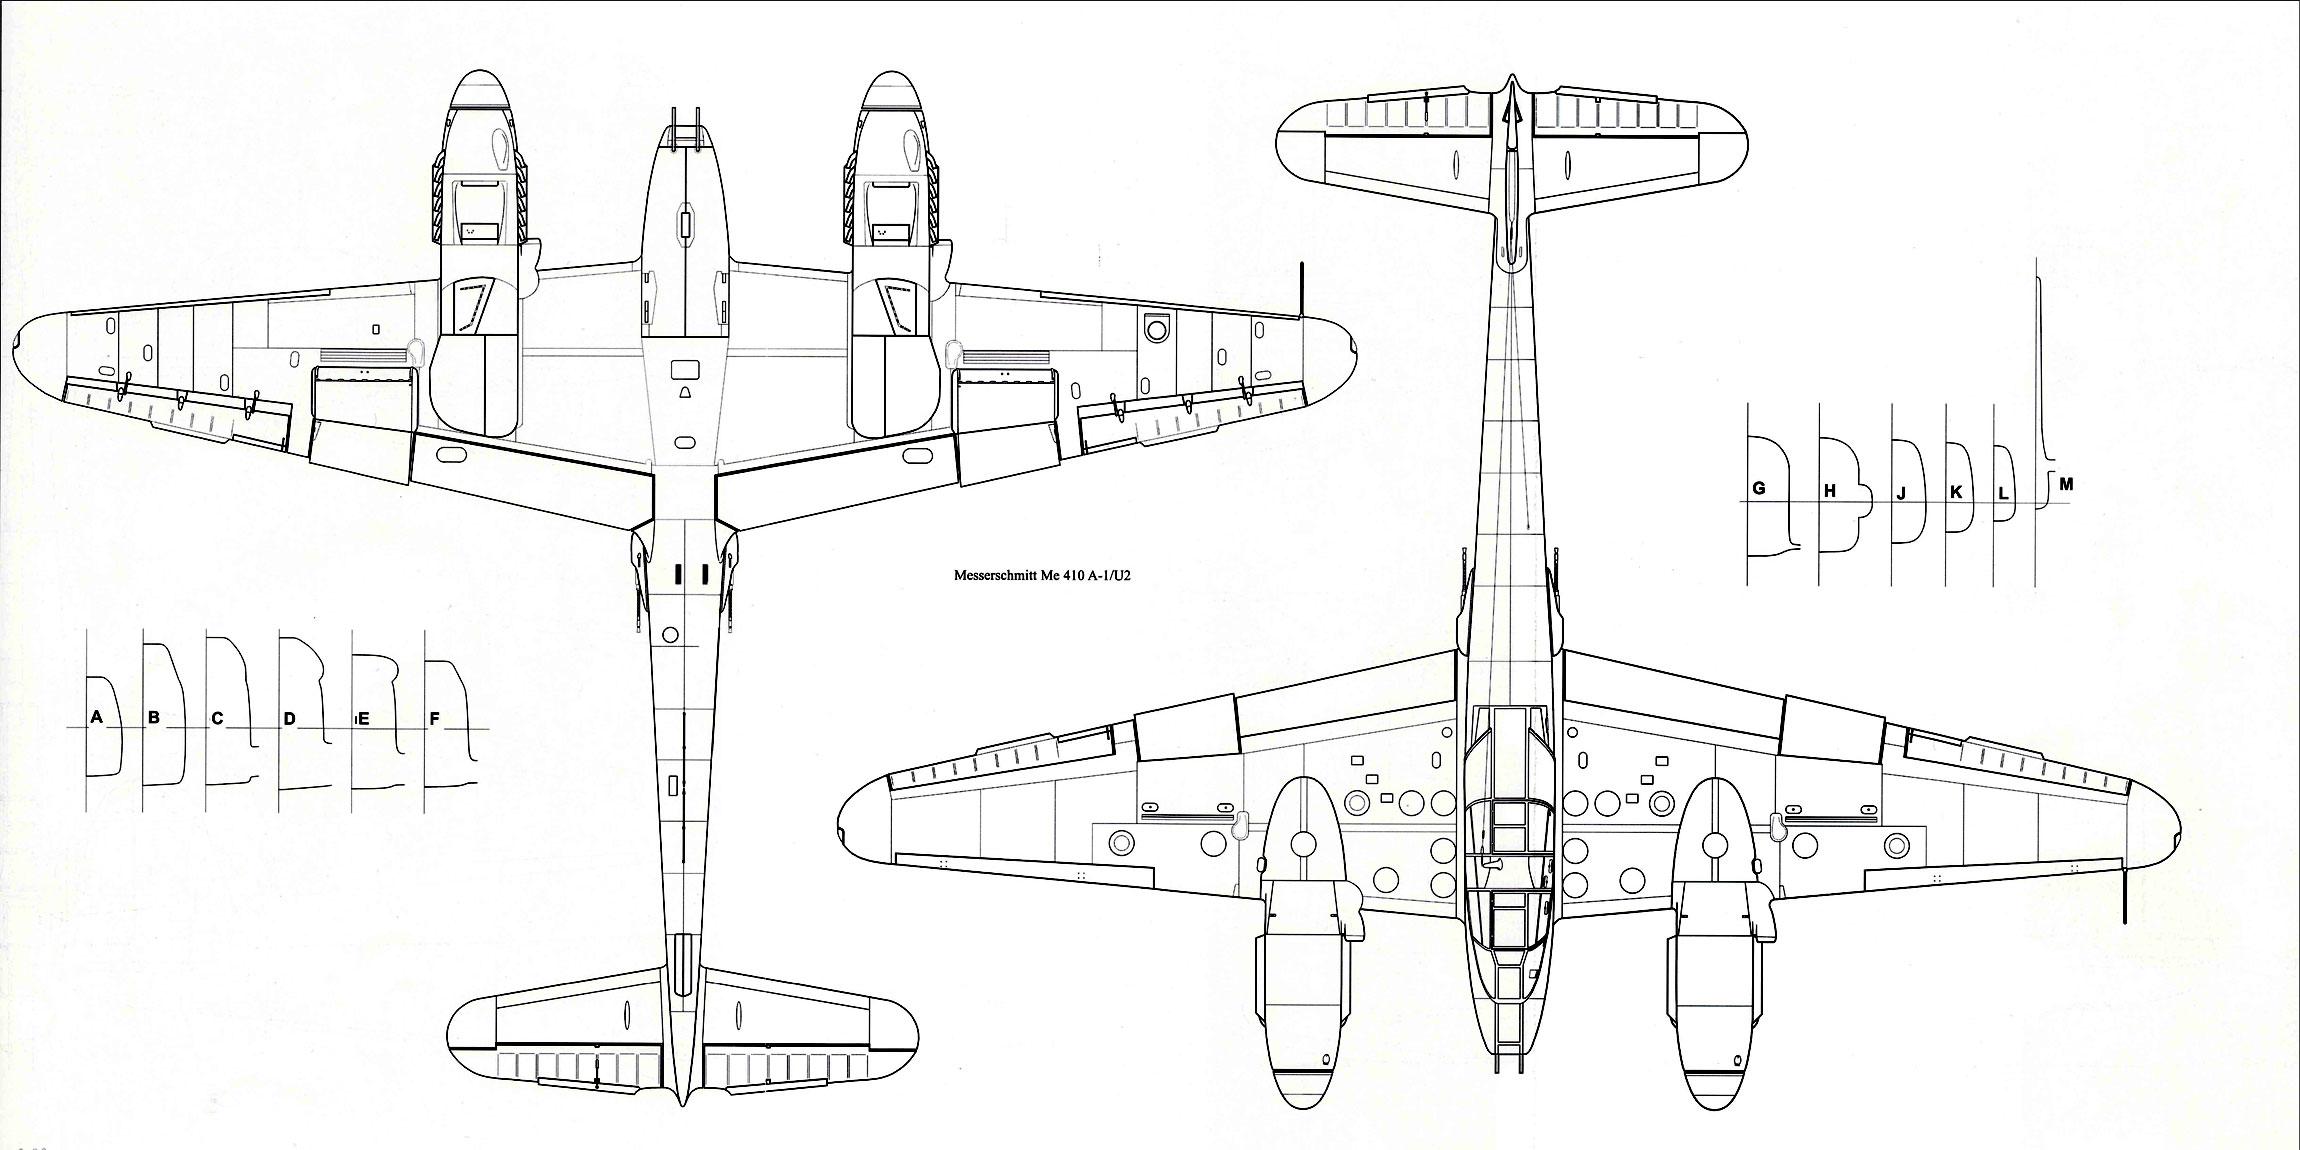 Messerschmitt Me 410A1 Hornisse 1 72 scale Line drawing 03